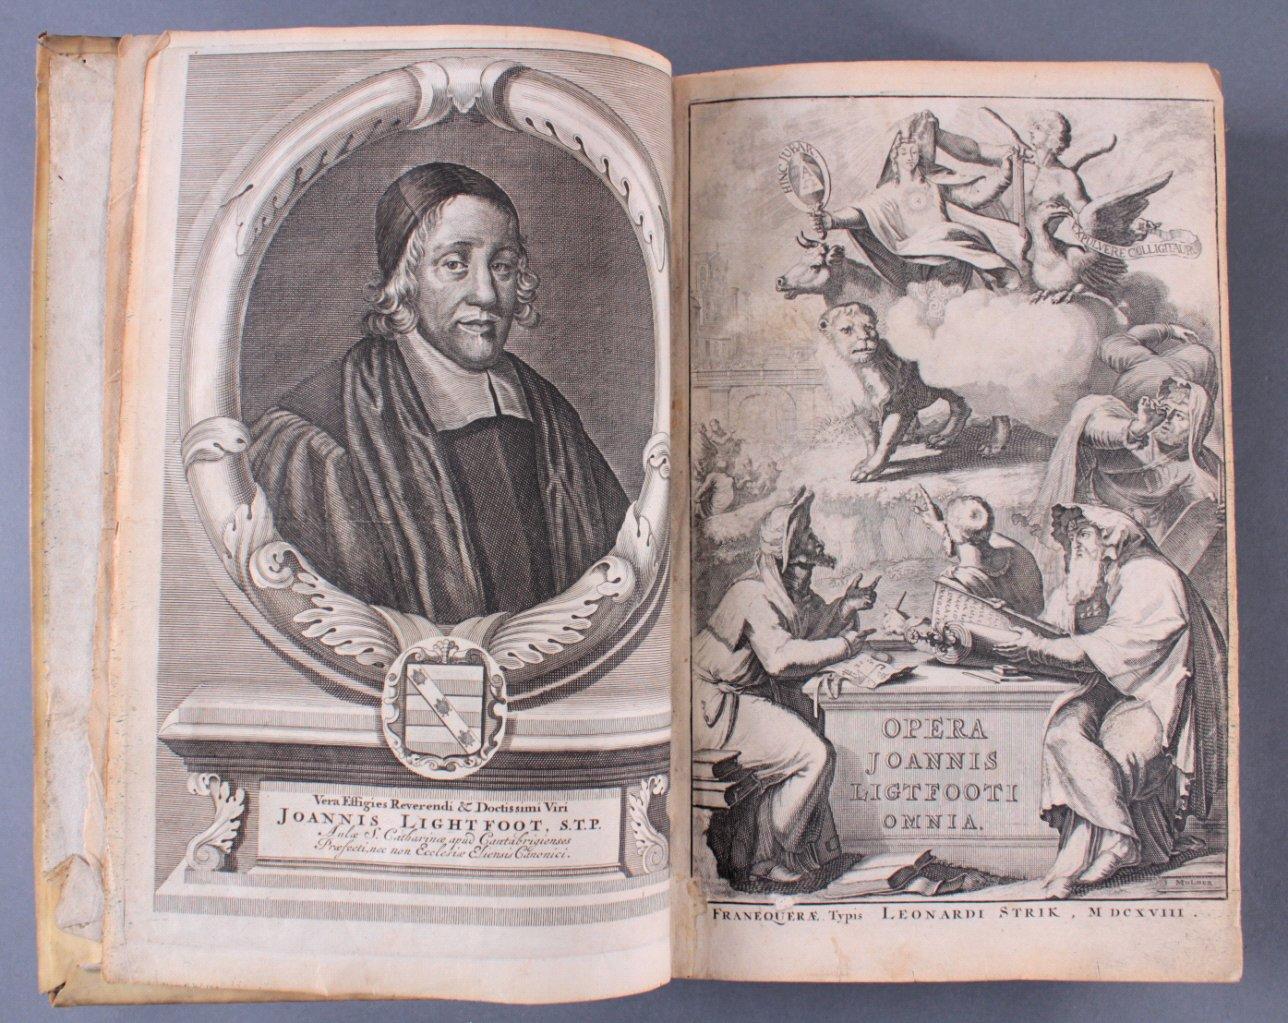 2 Bände Opera Ominia – Joh. Lightfooti, 1618-2